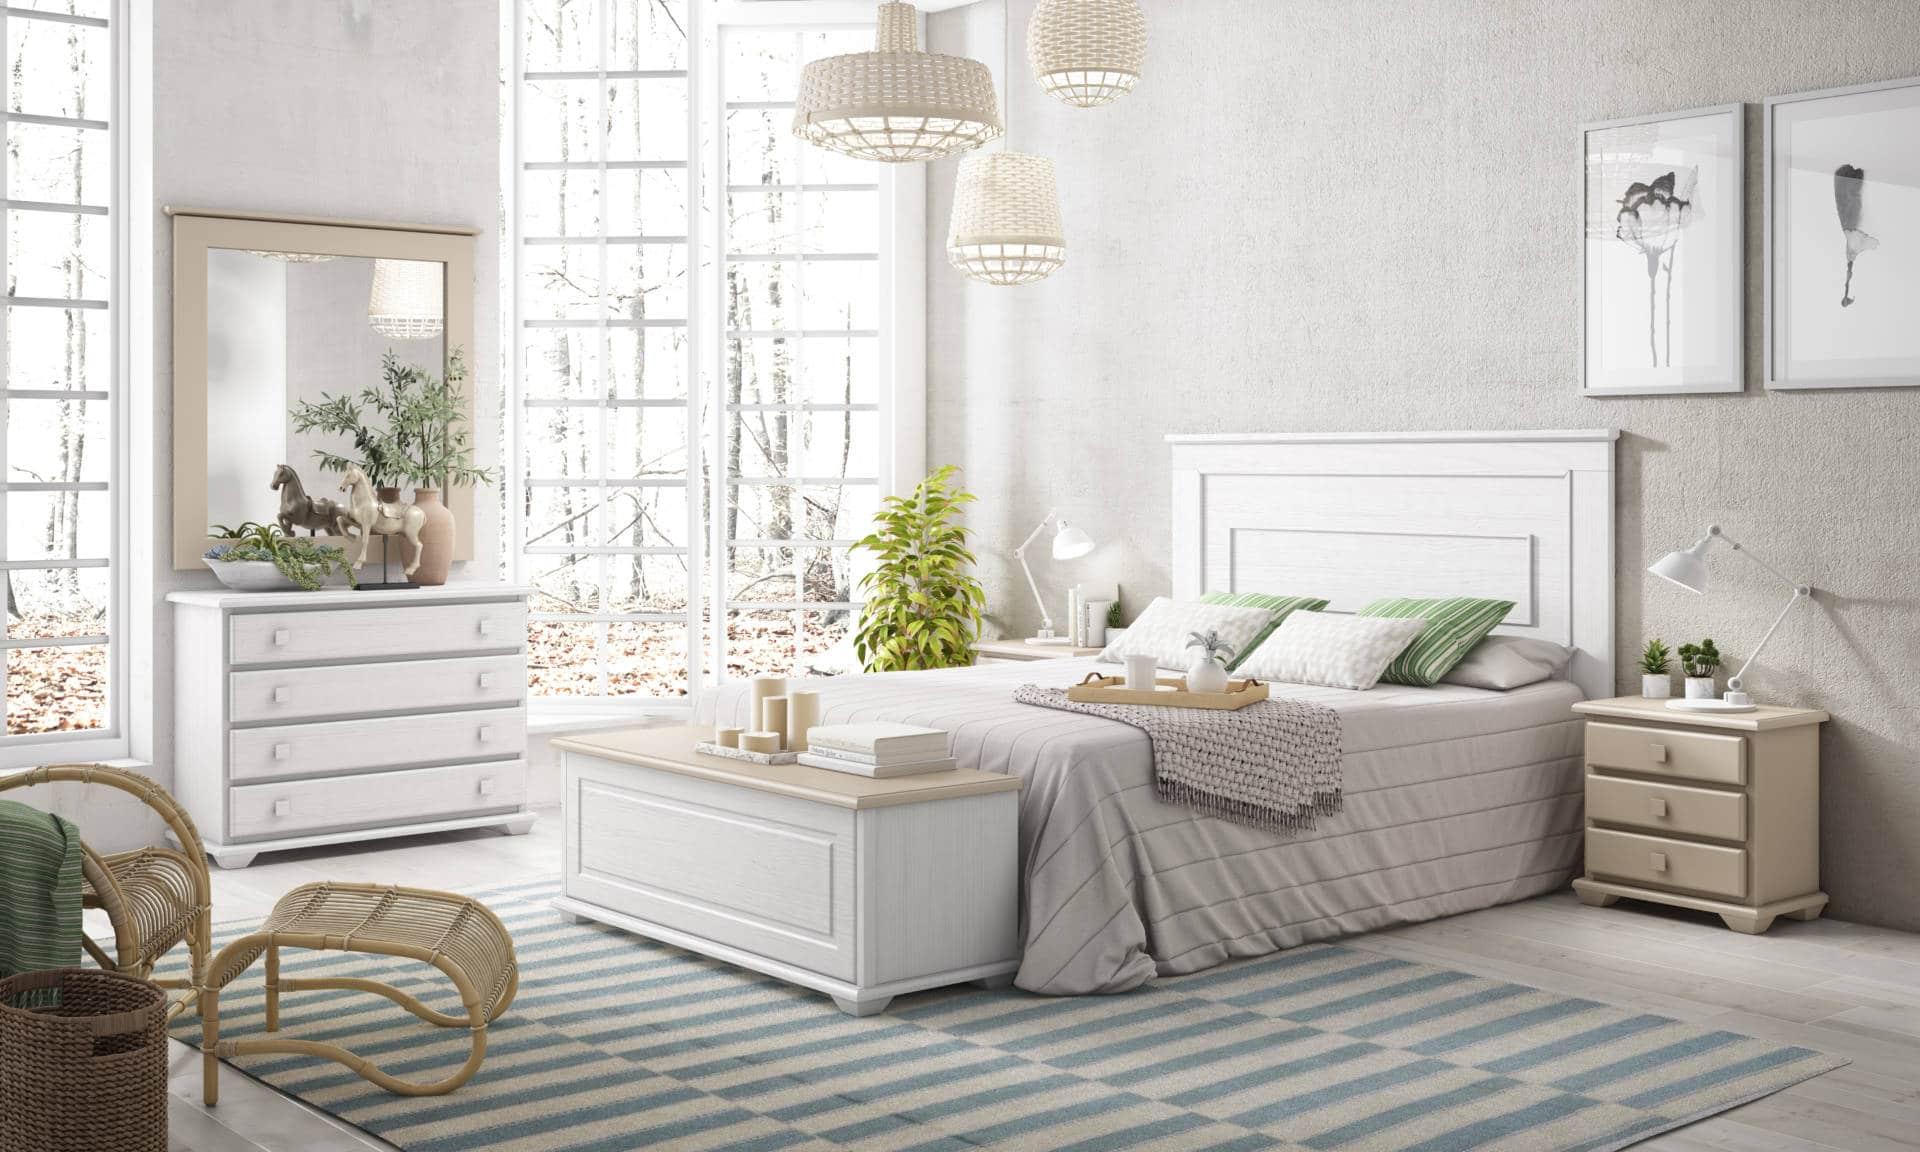 dormitorio_rustico_007